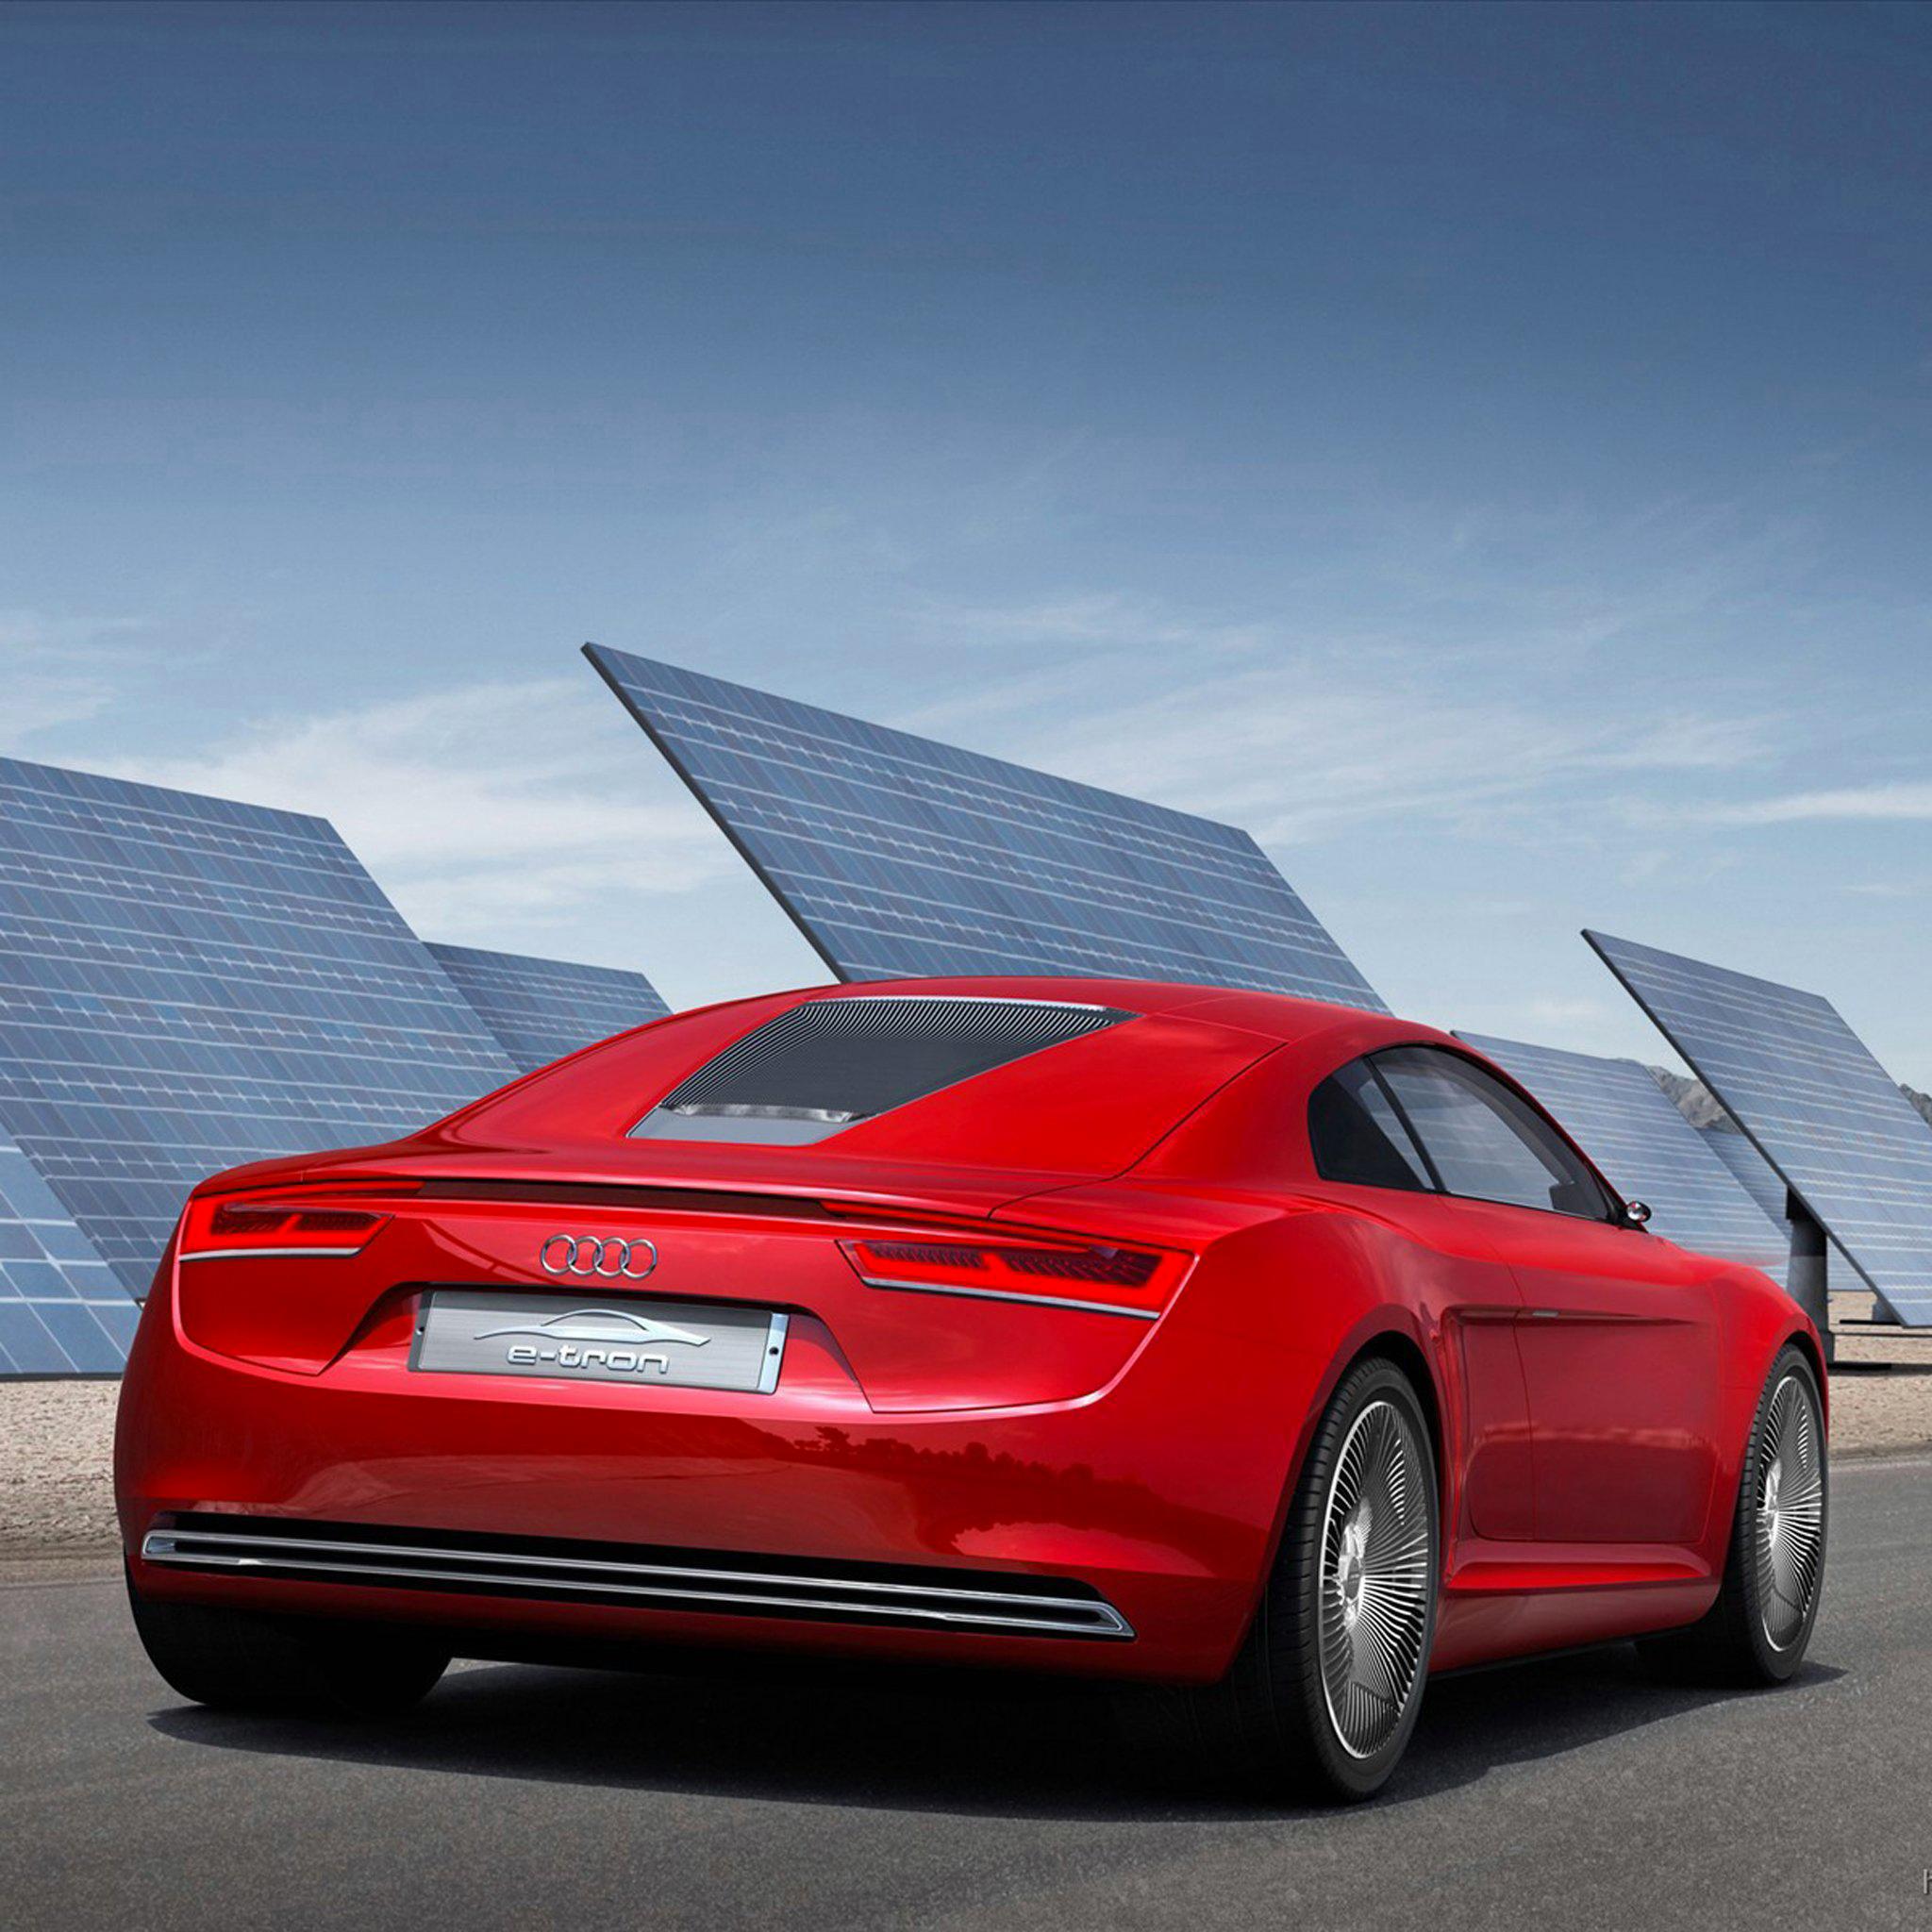 Audi-E-Tron-3Wallpapers-iPad-Retina